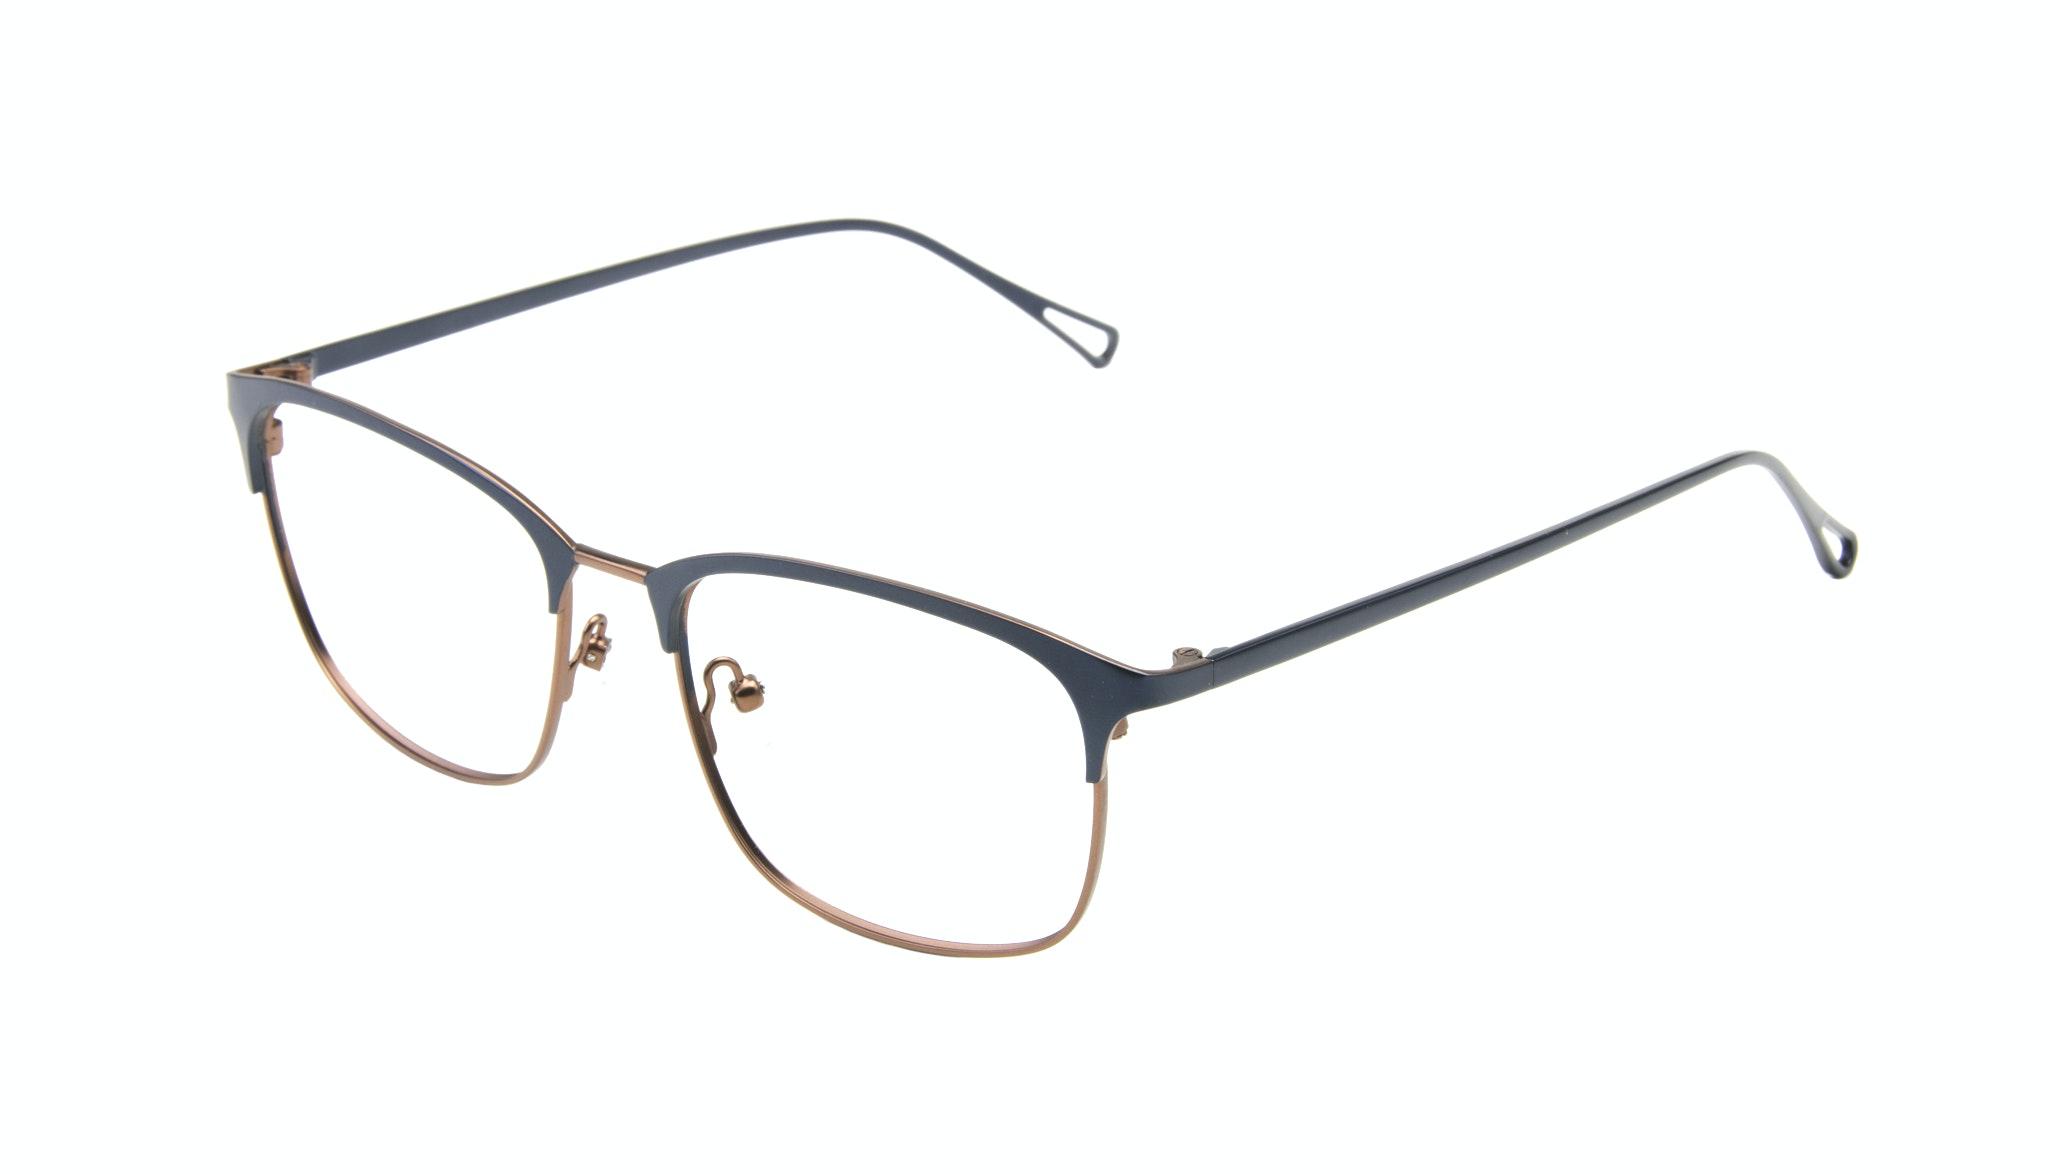 Affordable Fashion Glasses Rectangle Eyeglasses Women Seaside Marine Tilt